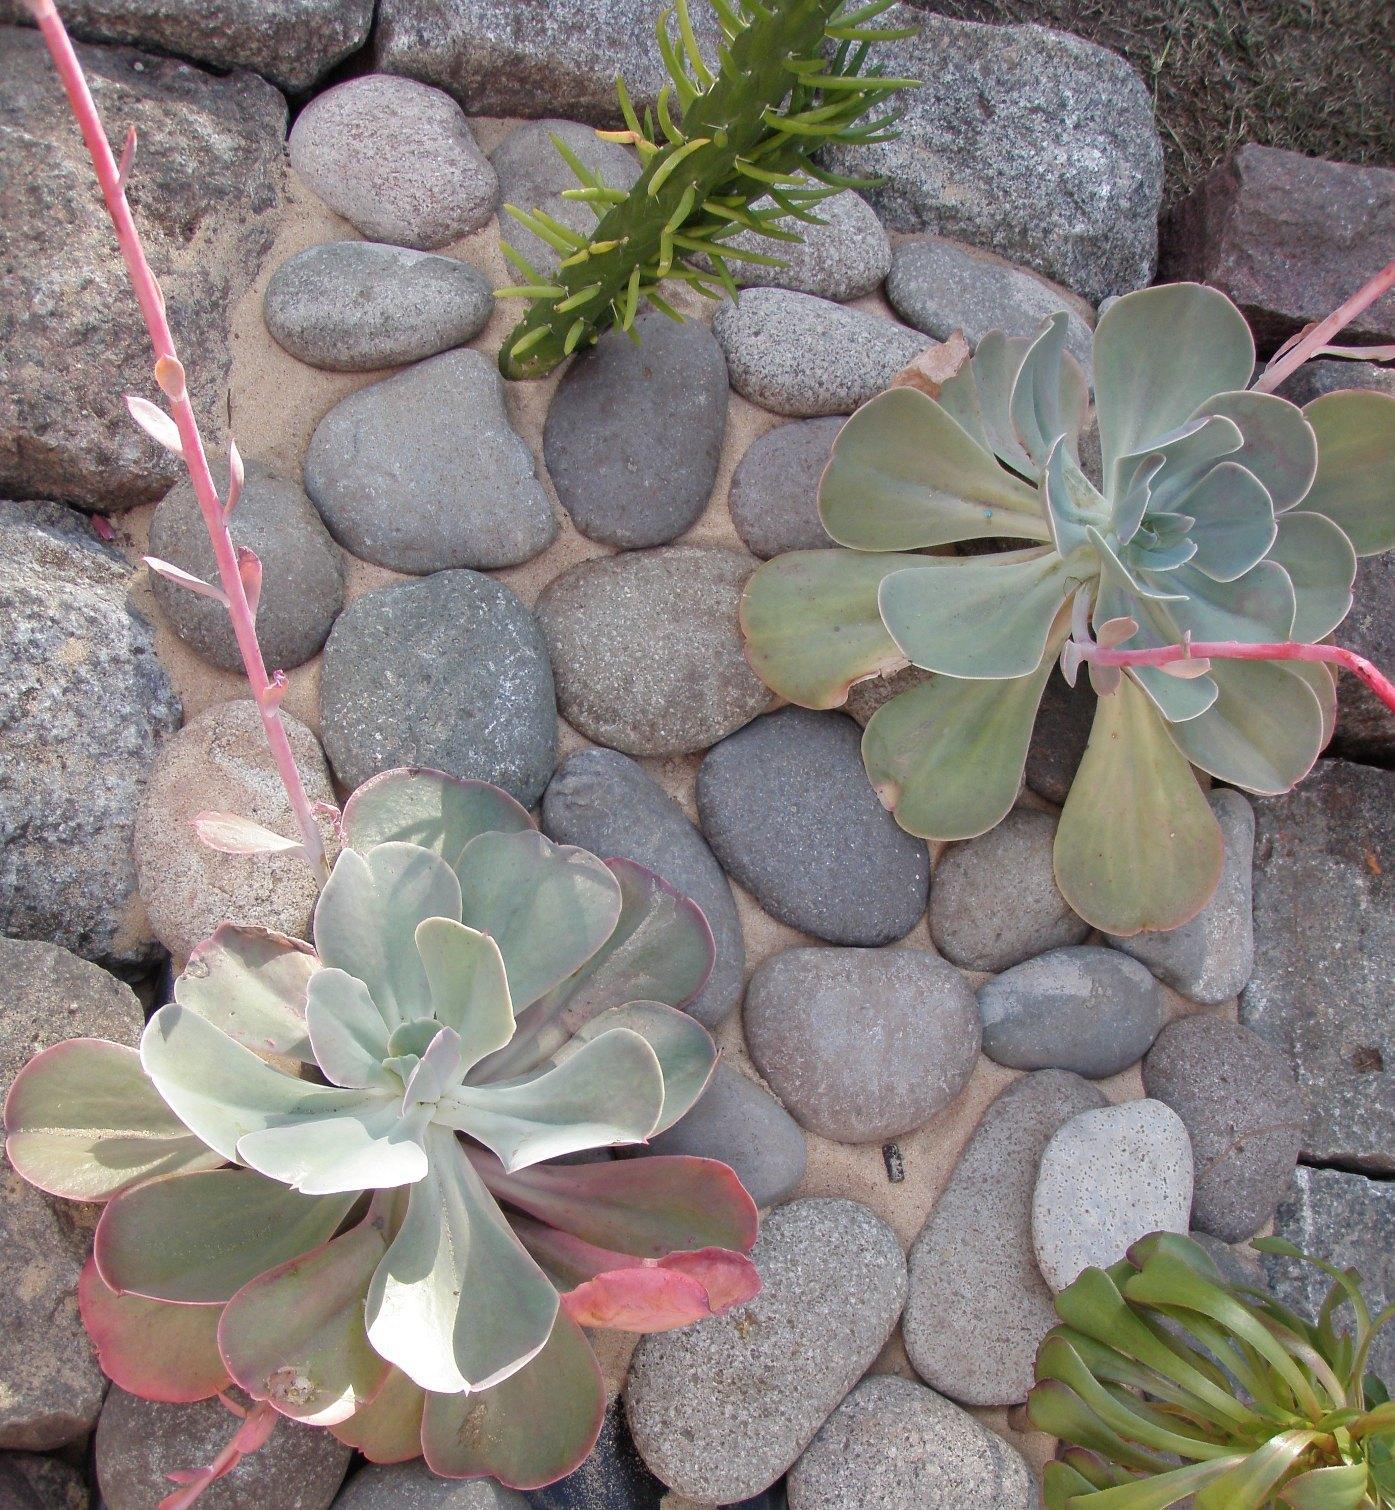 Jardines de cactus y suculentas paso a paso el hermoso - Jardines de cactus y suculentas ...